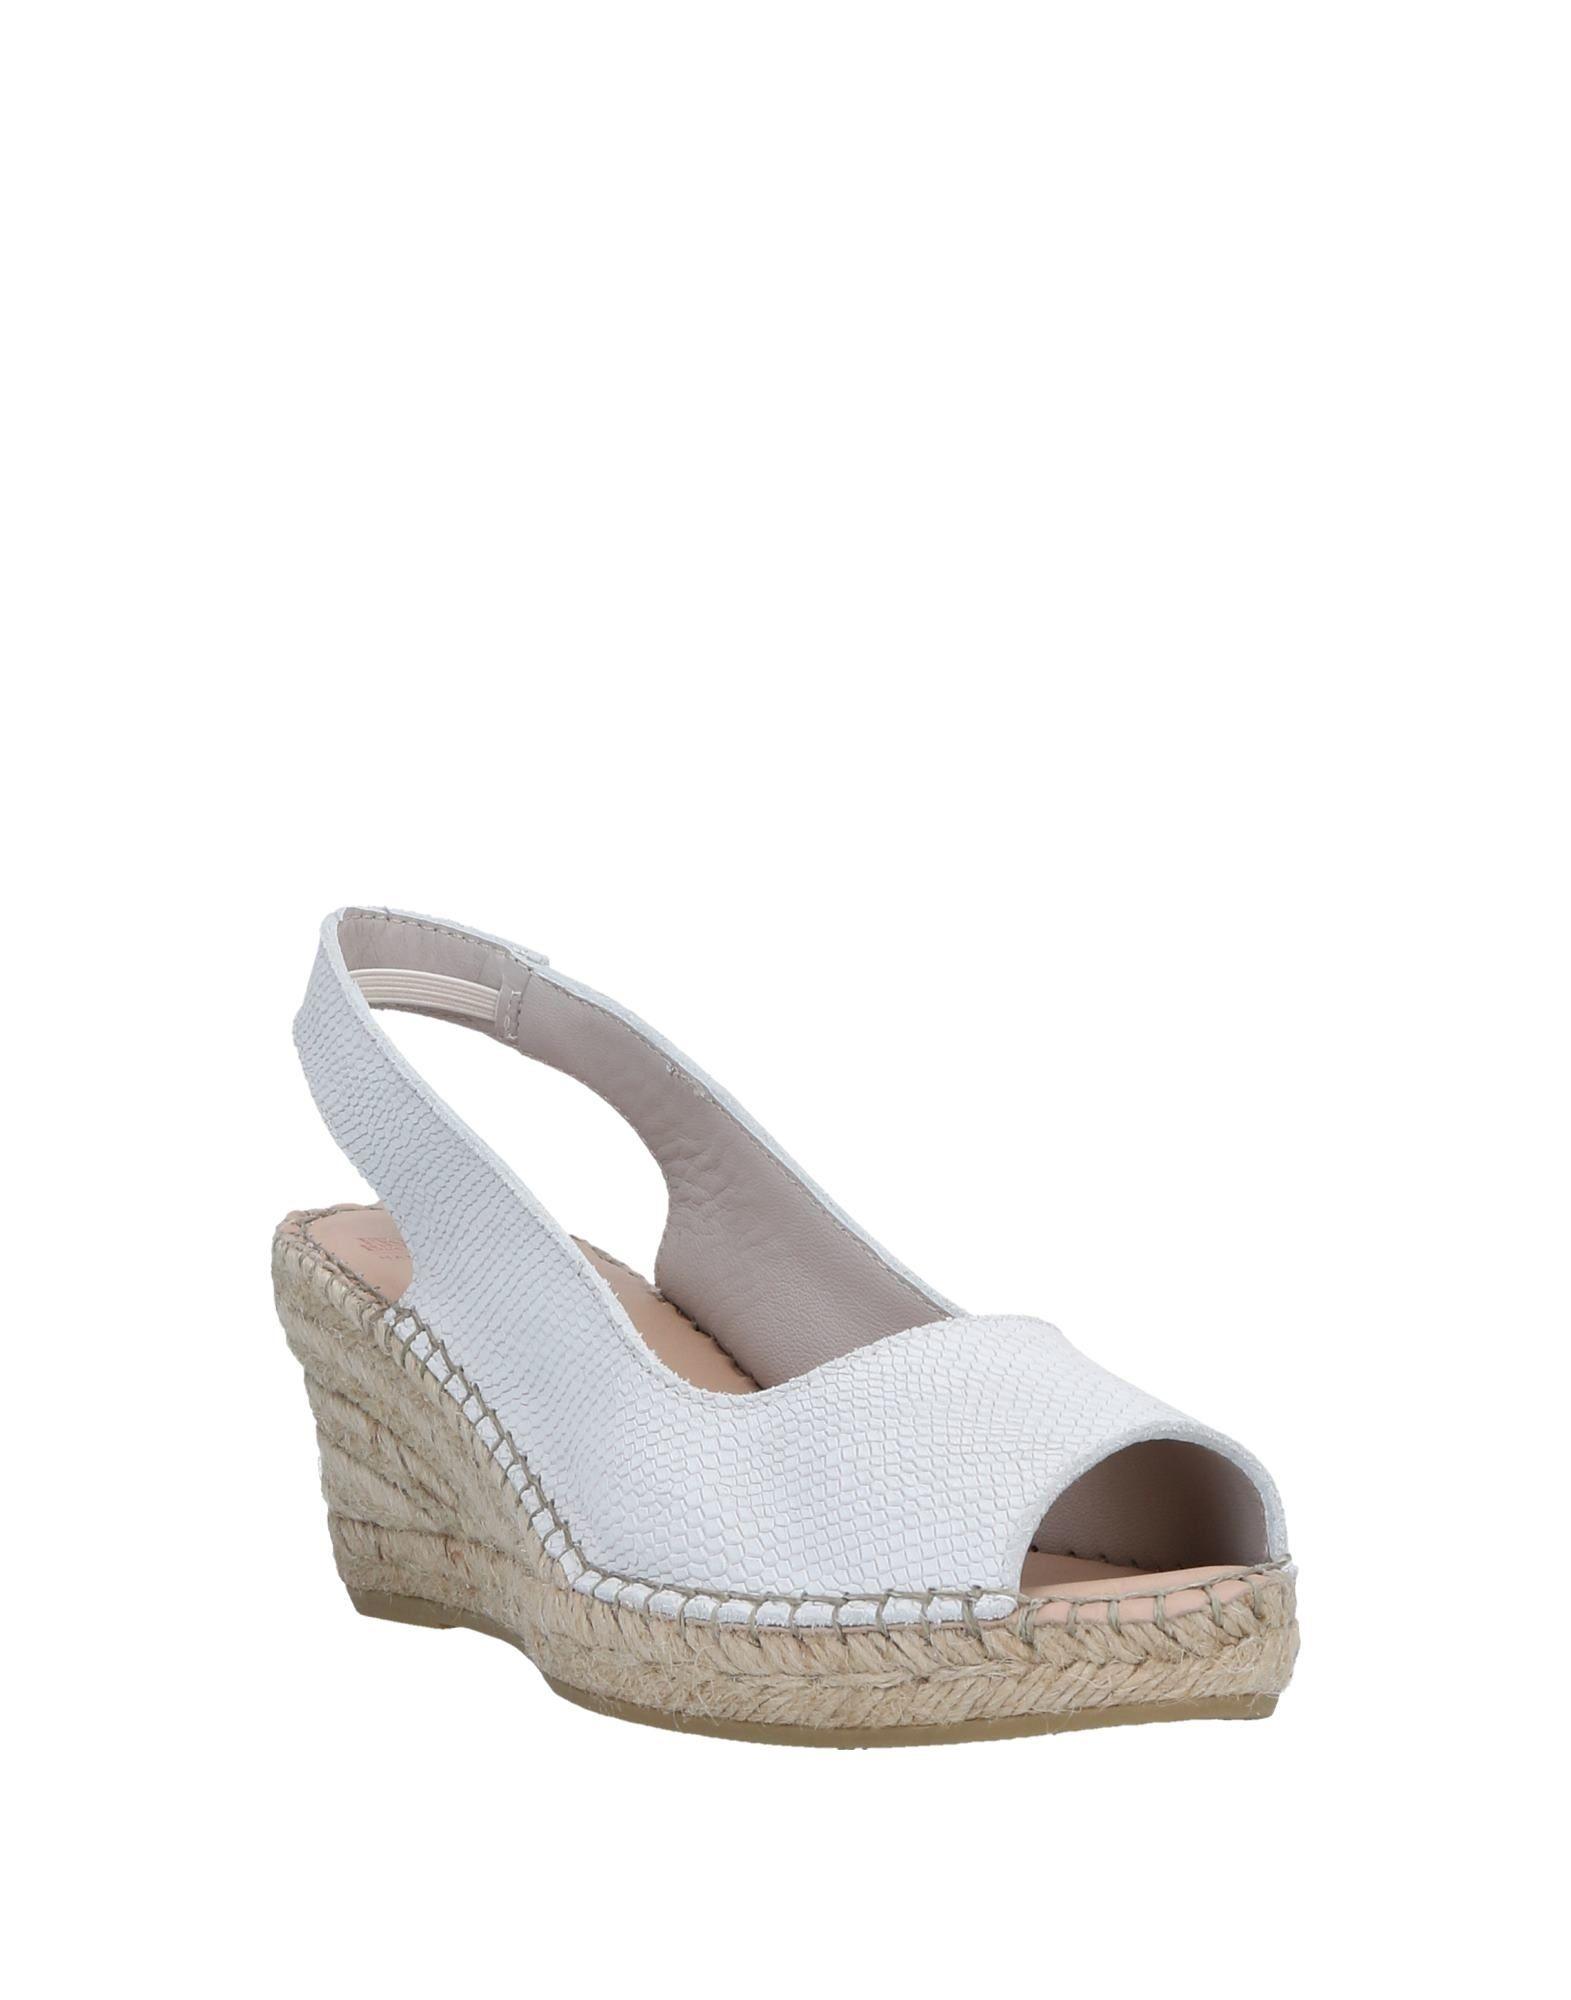 Fred De Schuhe La Bretoniere Sandalen Damen  11529916CV Heiße Schuhe De bbb050